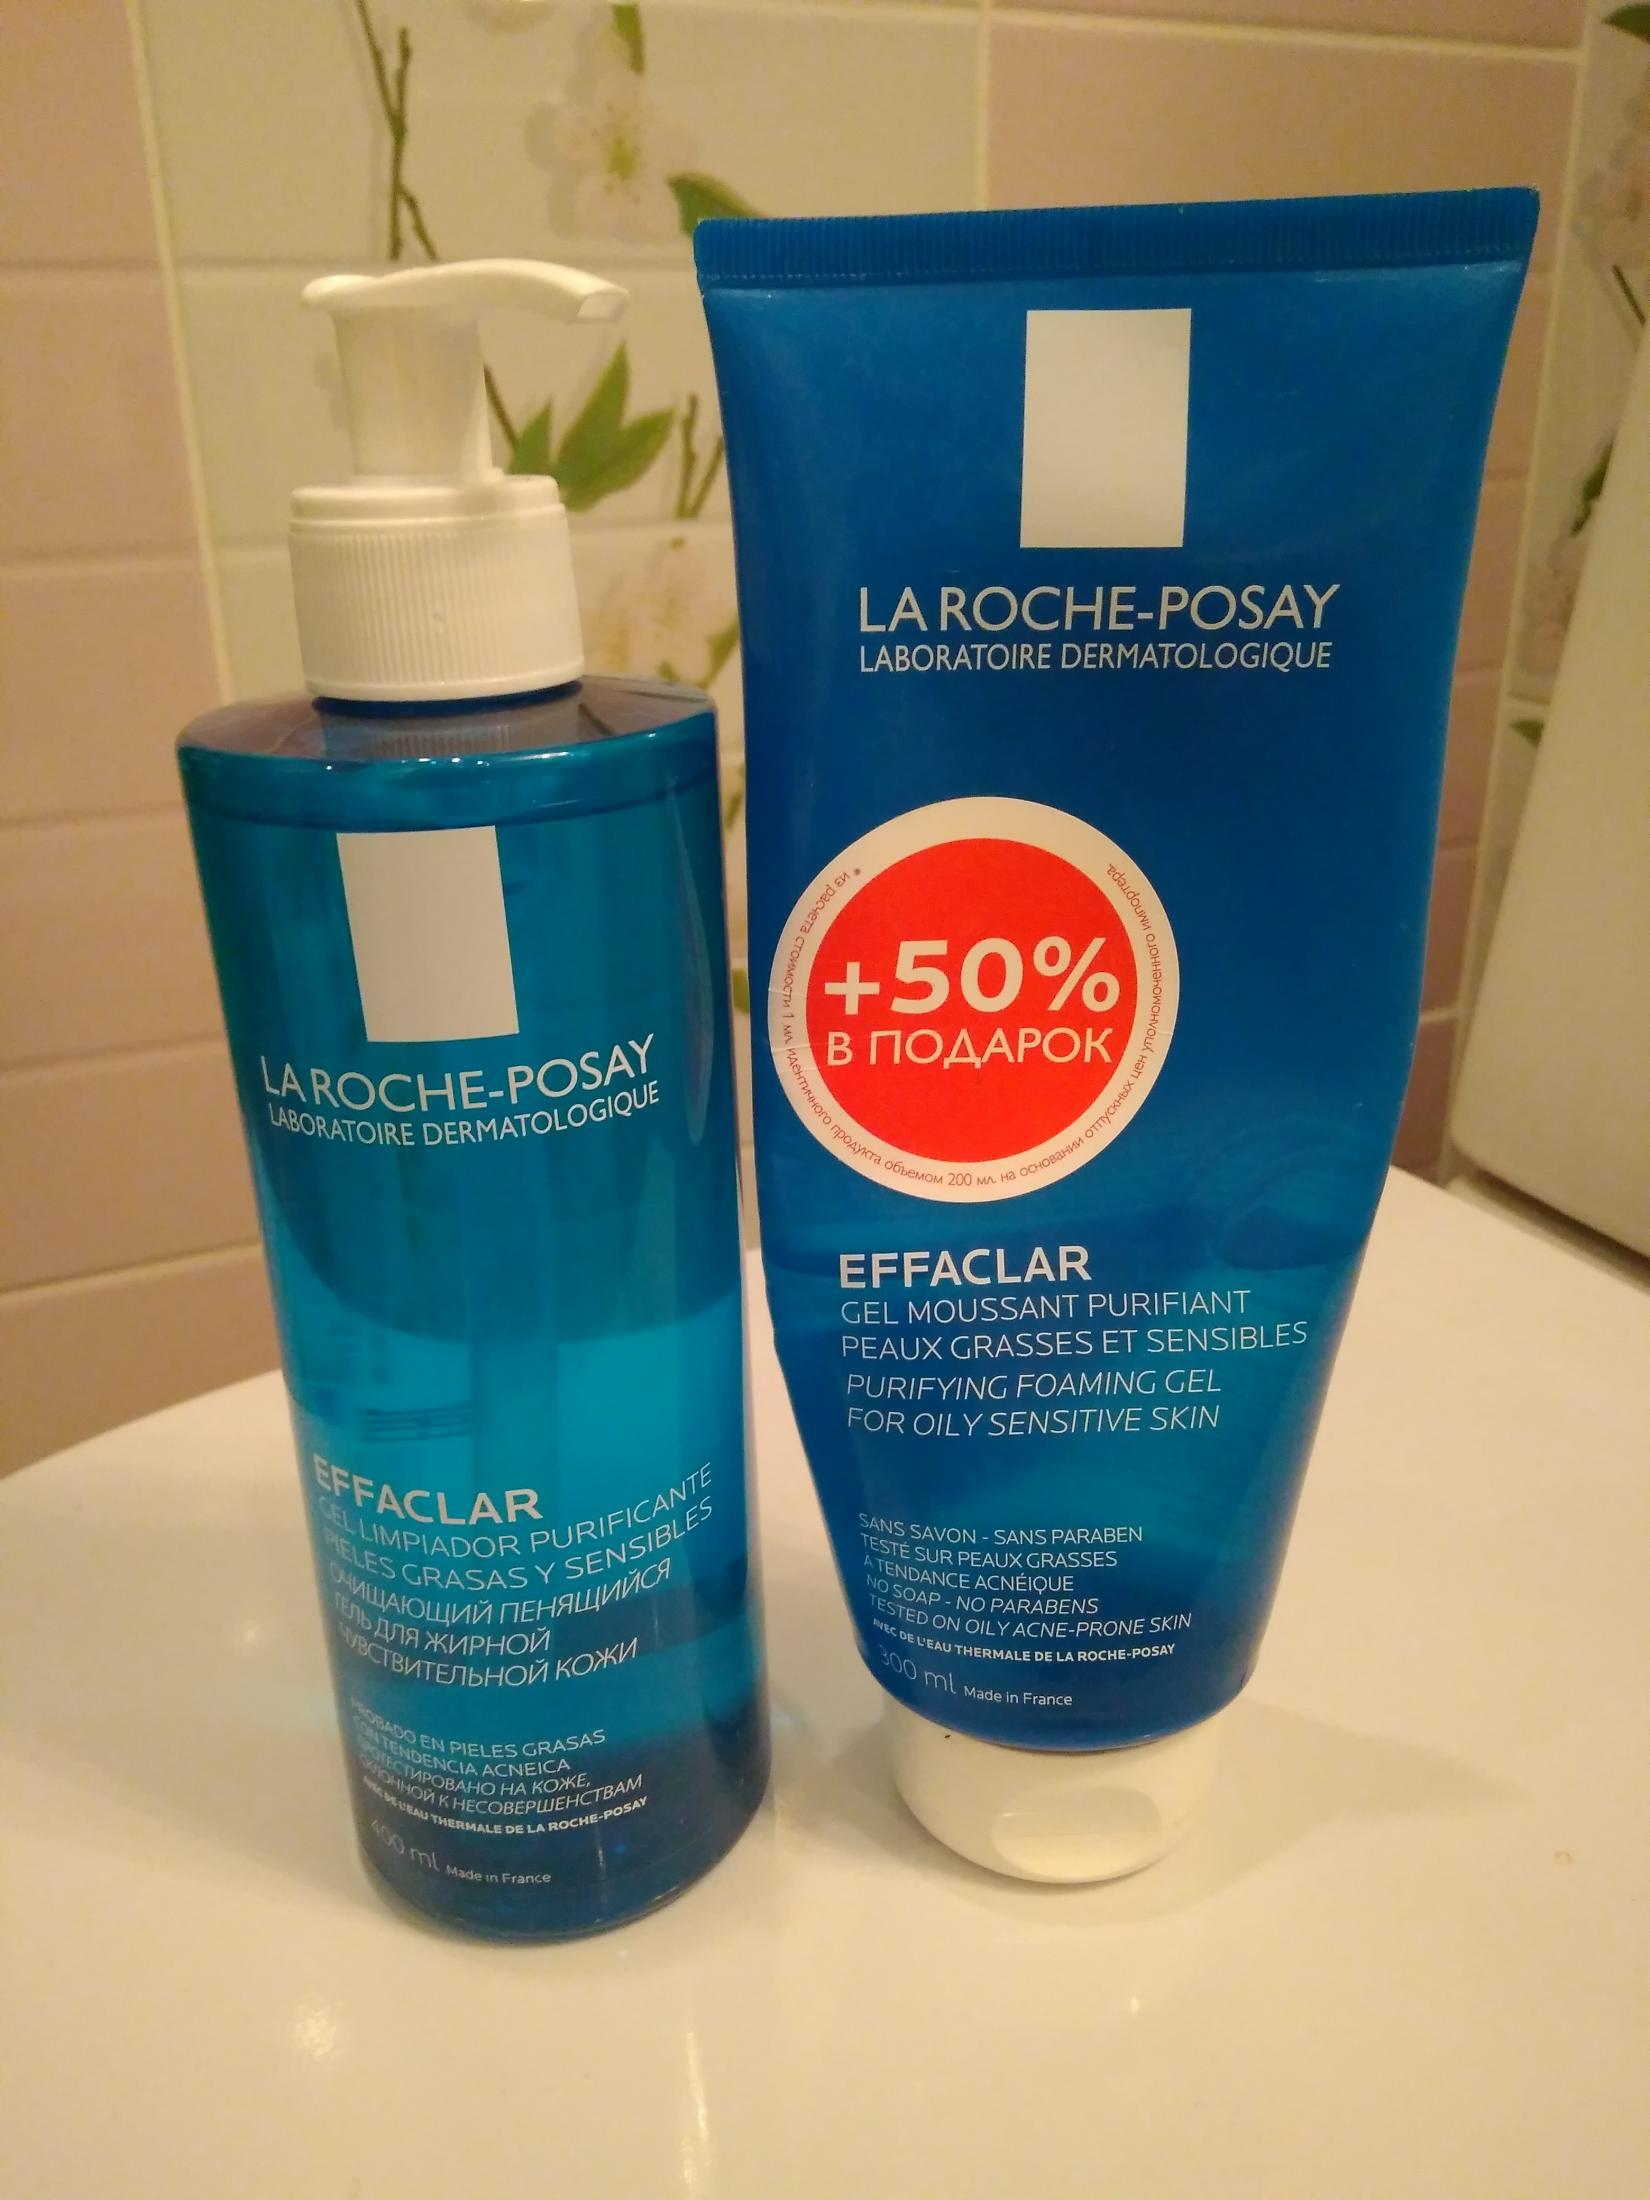 Гель для умывания (Очищающий пенящийся гель) La Roche Posay Effaclar Purifying Foaming Gel для жирной чувствительной кожи. В упаковке